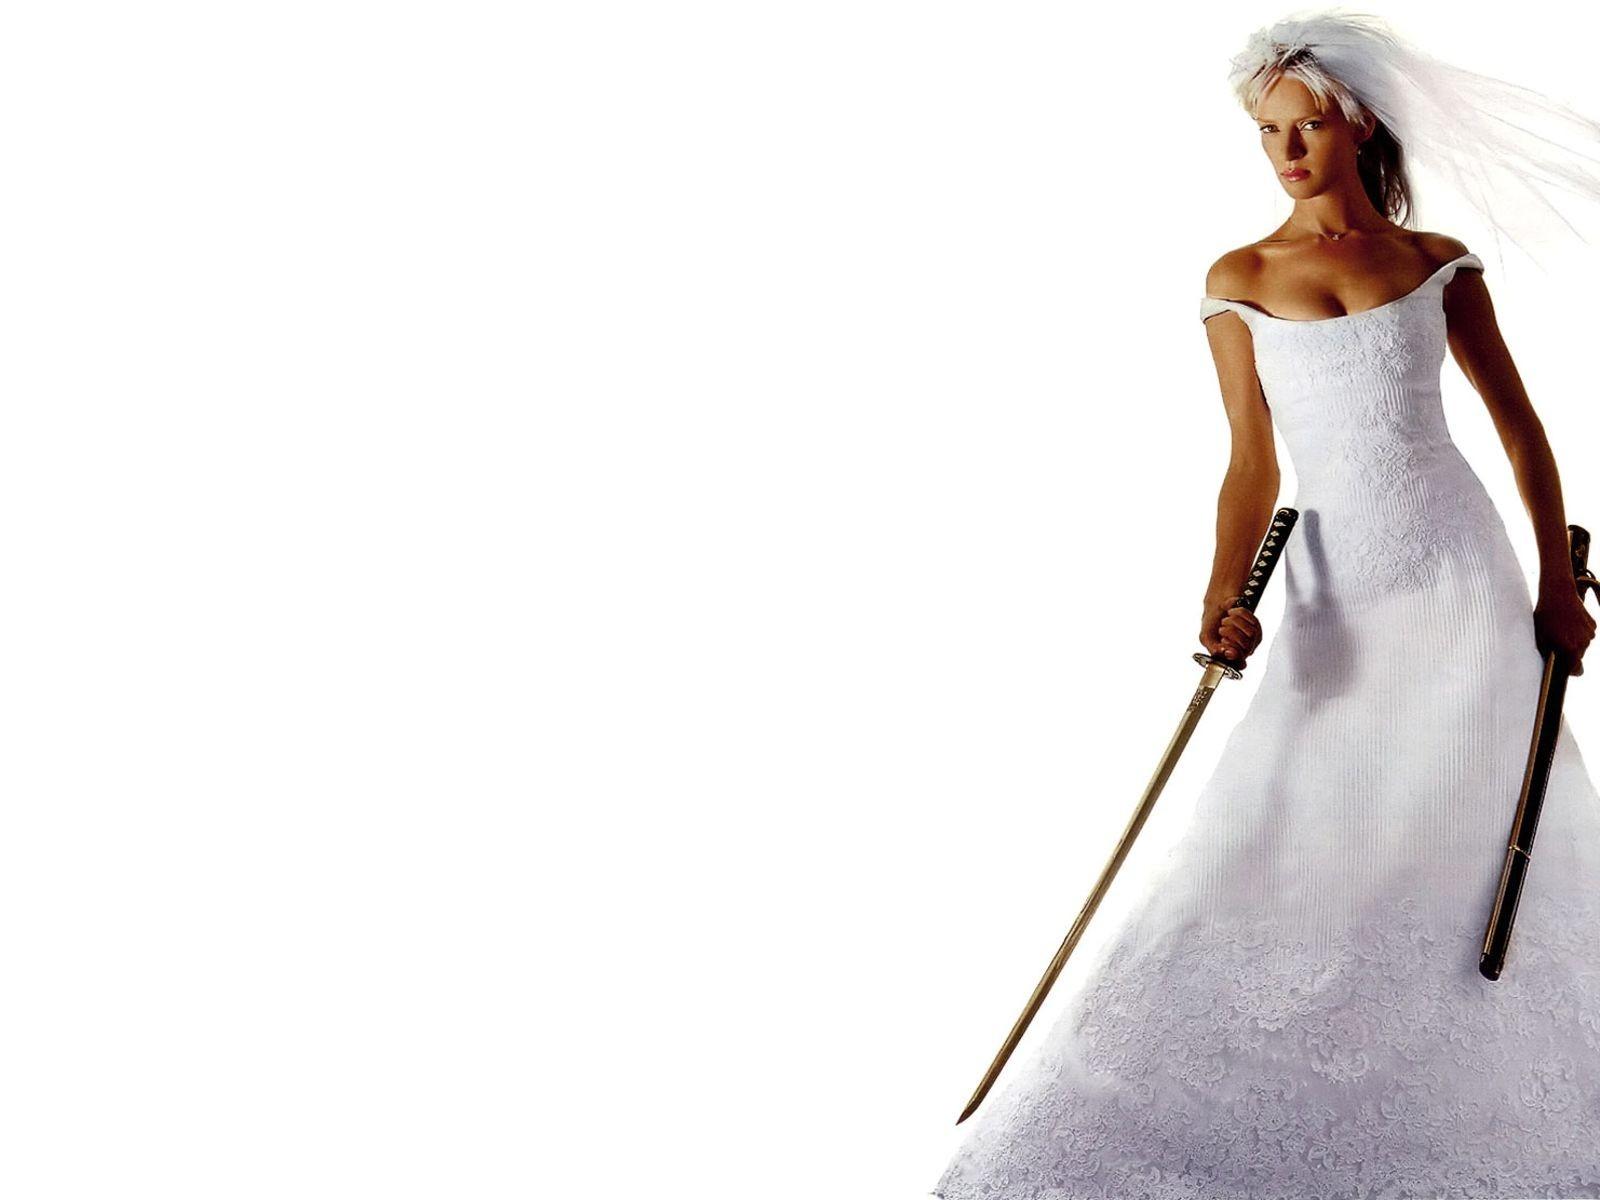 Wallpaper: Uma Thurman è La Sposa